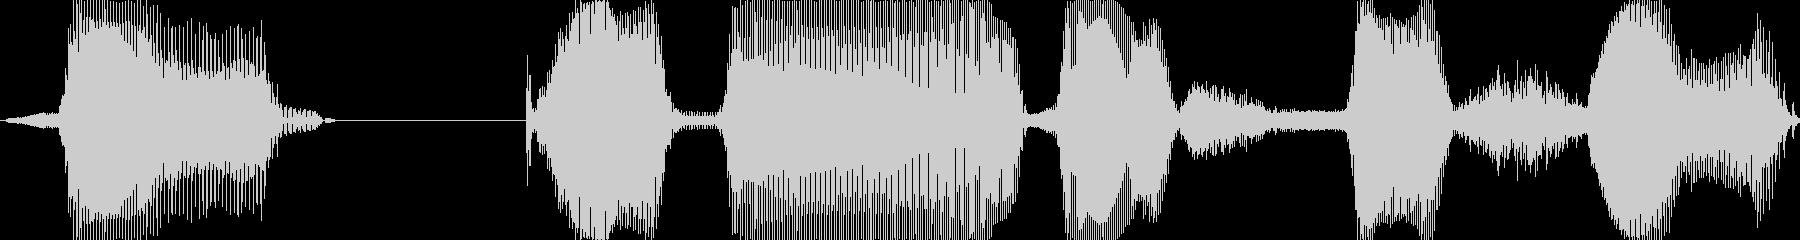 ビッグボーナス!の未再生の波形